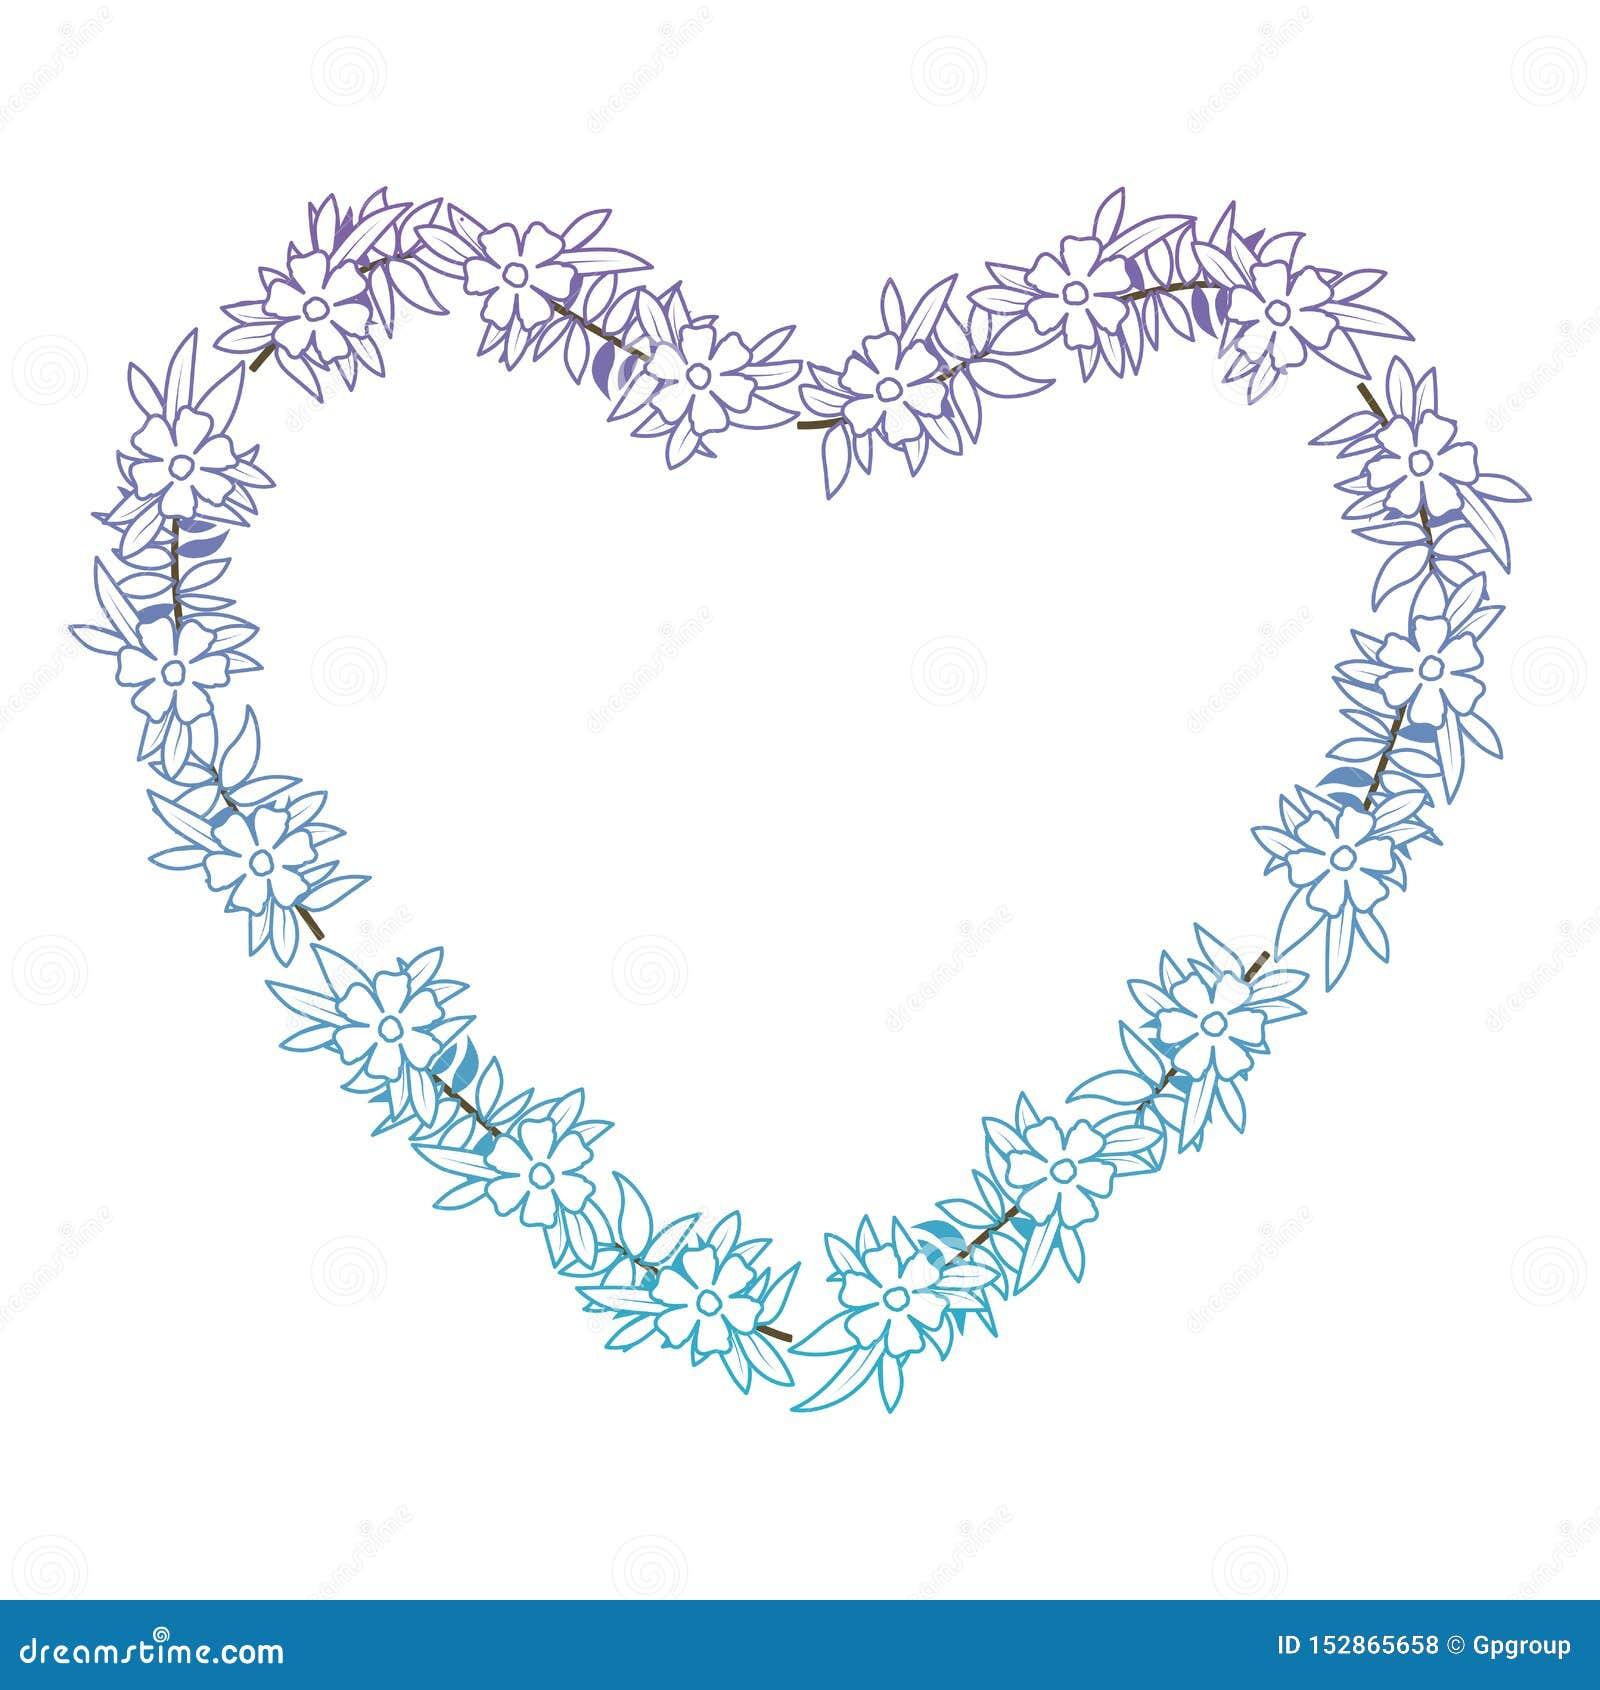 De mooie bloem en doorbladert hart gestalte gegeven kader